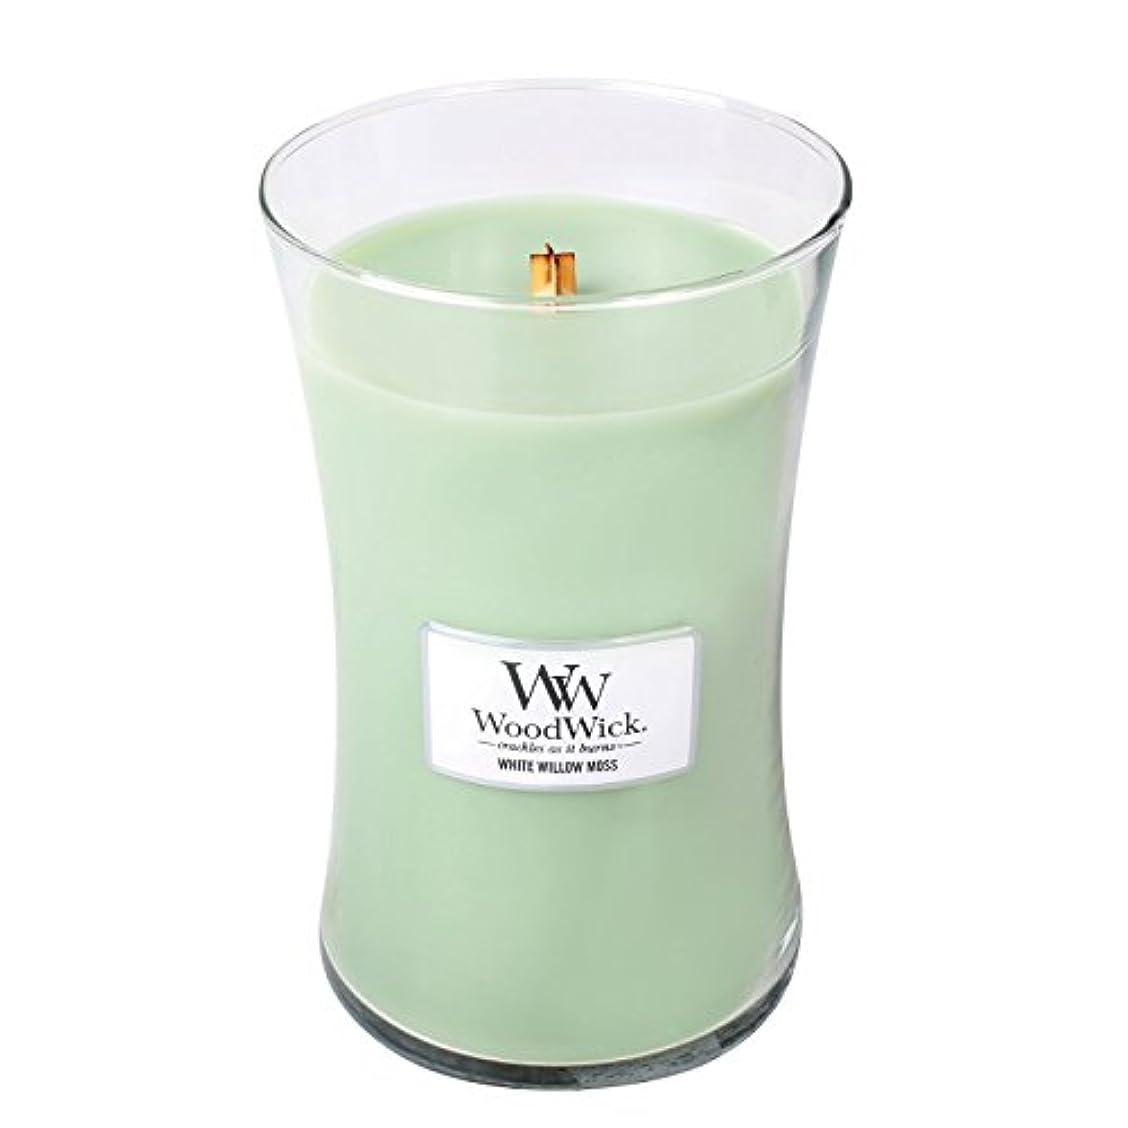 市場接辞ゆるくWoodwickホワイトWillowモス、Highly Scented Candle、クラシック砂時計Jar , Large 7-inch、21.5 Oz